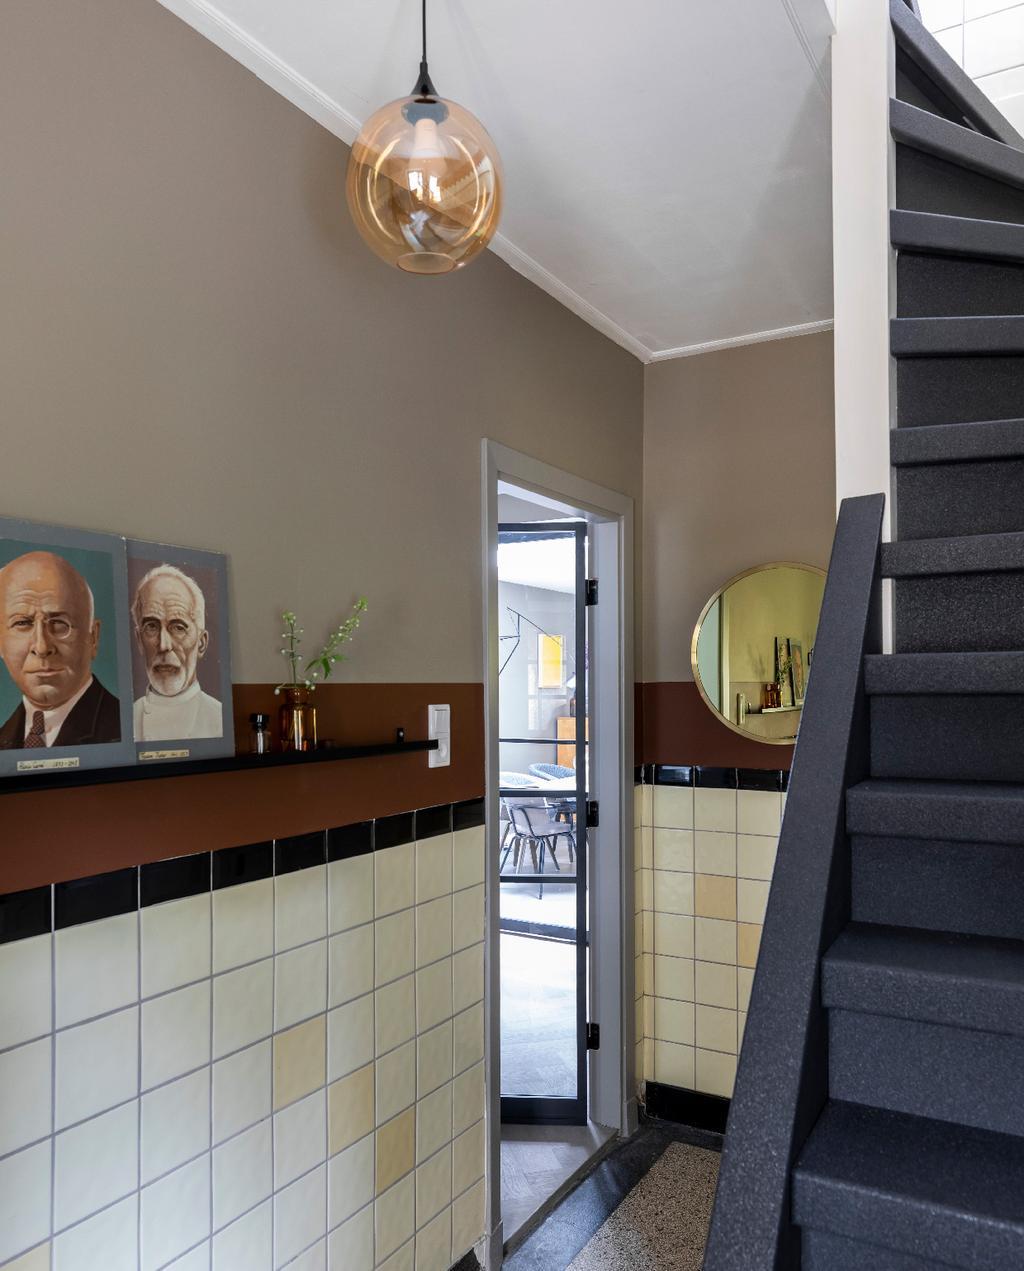 vtwonen weer verliefd op je huis | flexa trendkleur brave ground neutrale tinten en kleurvlakken in hal met witte tegels en zwarte trap